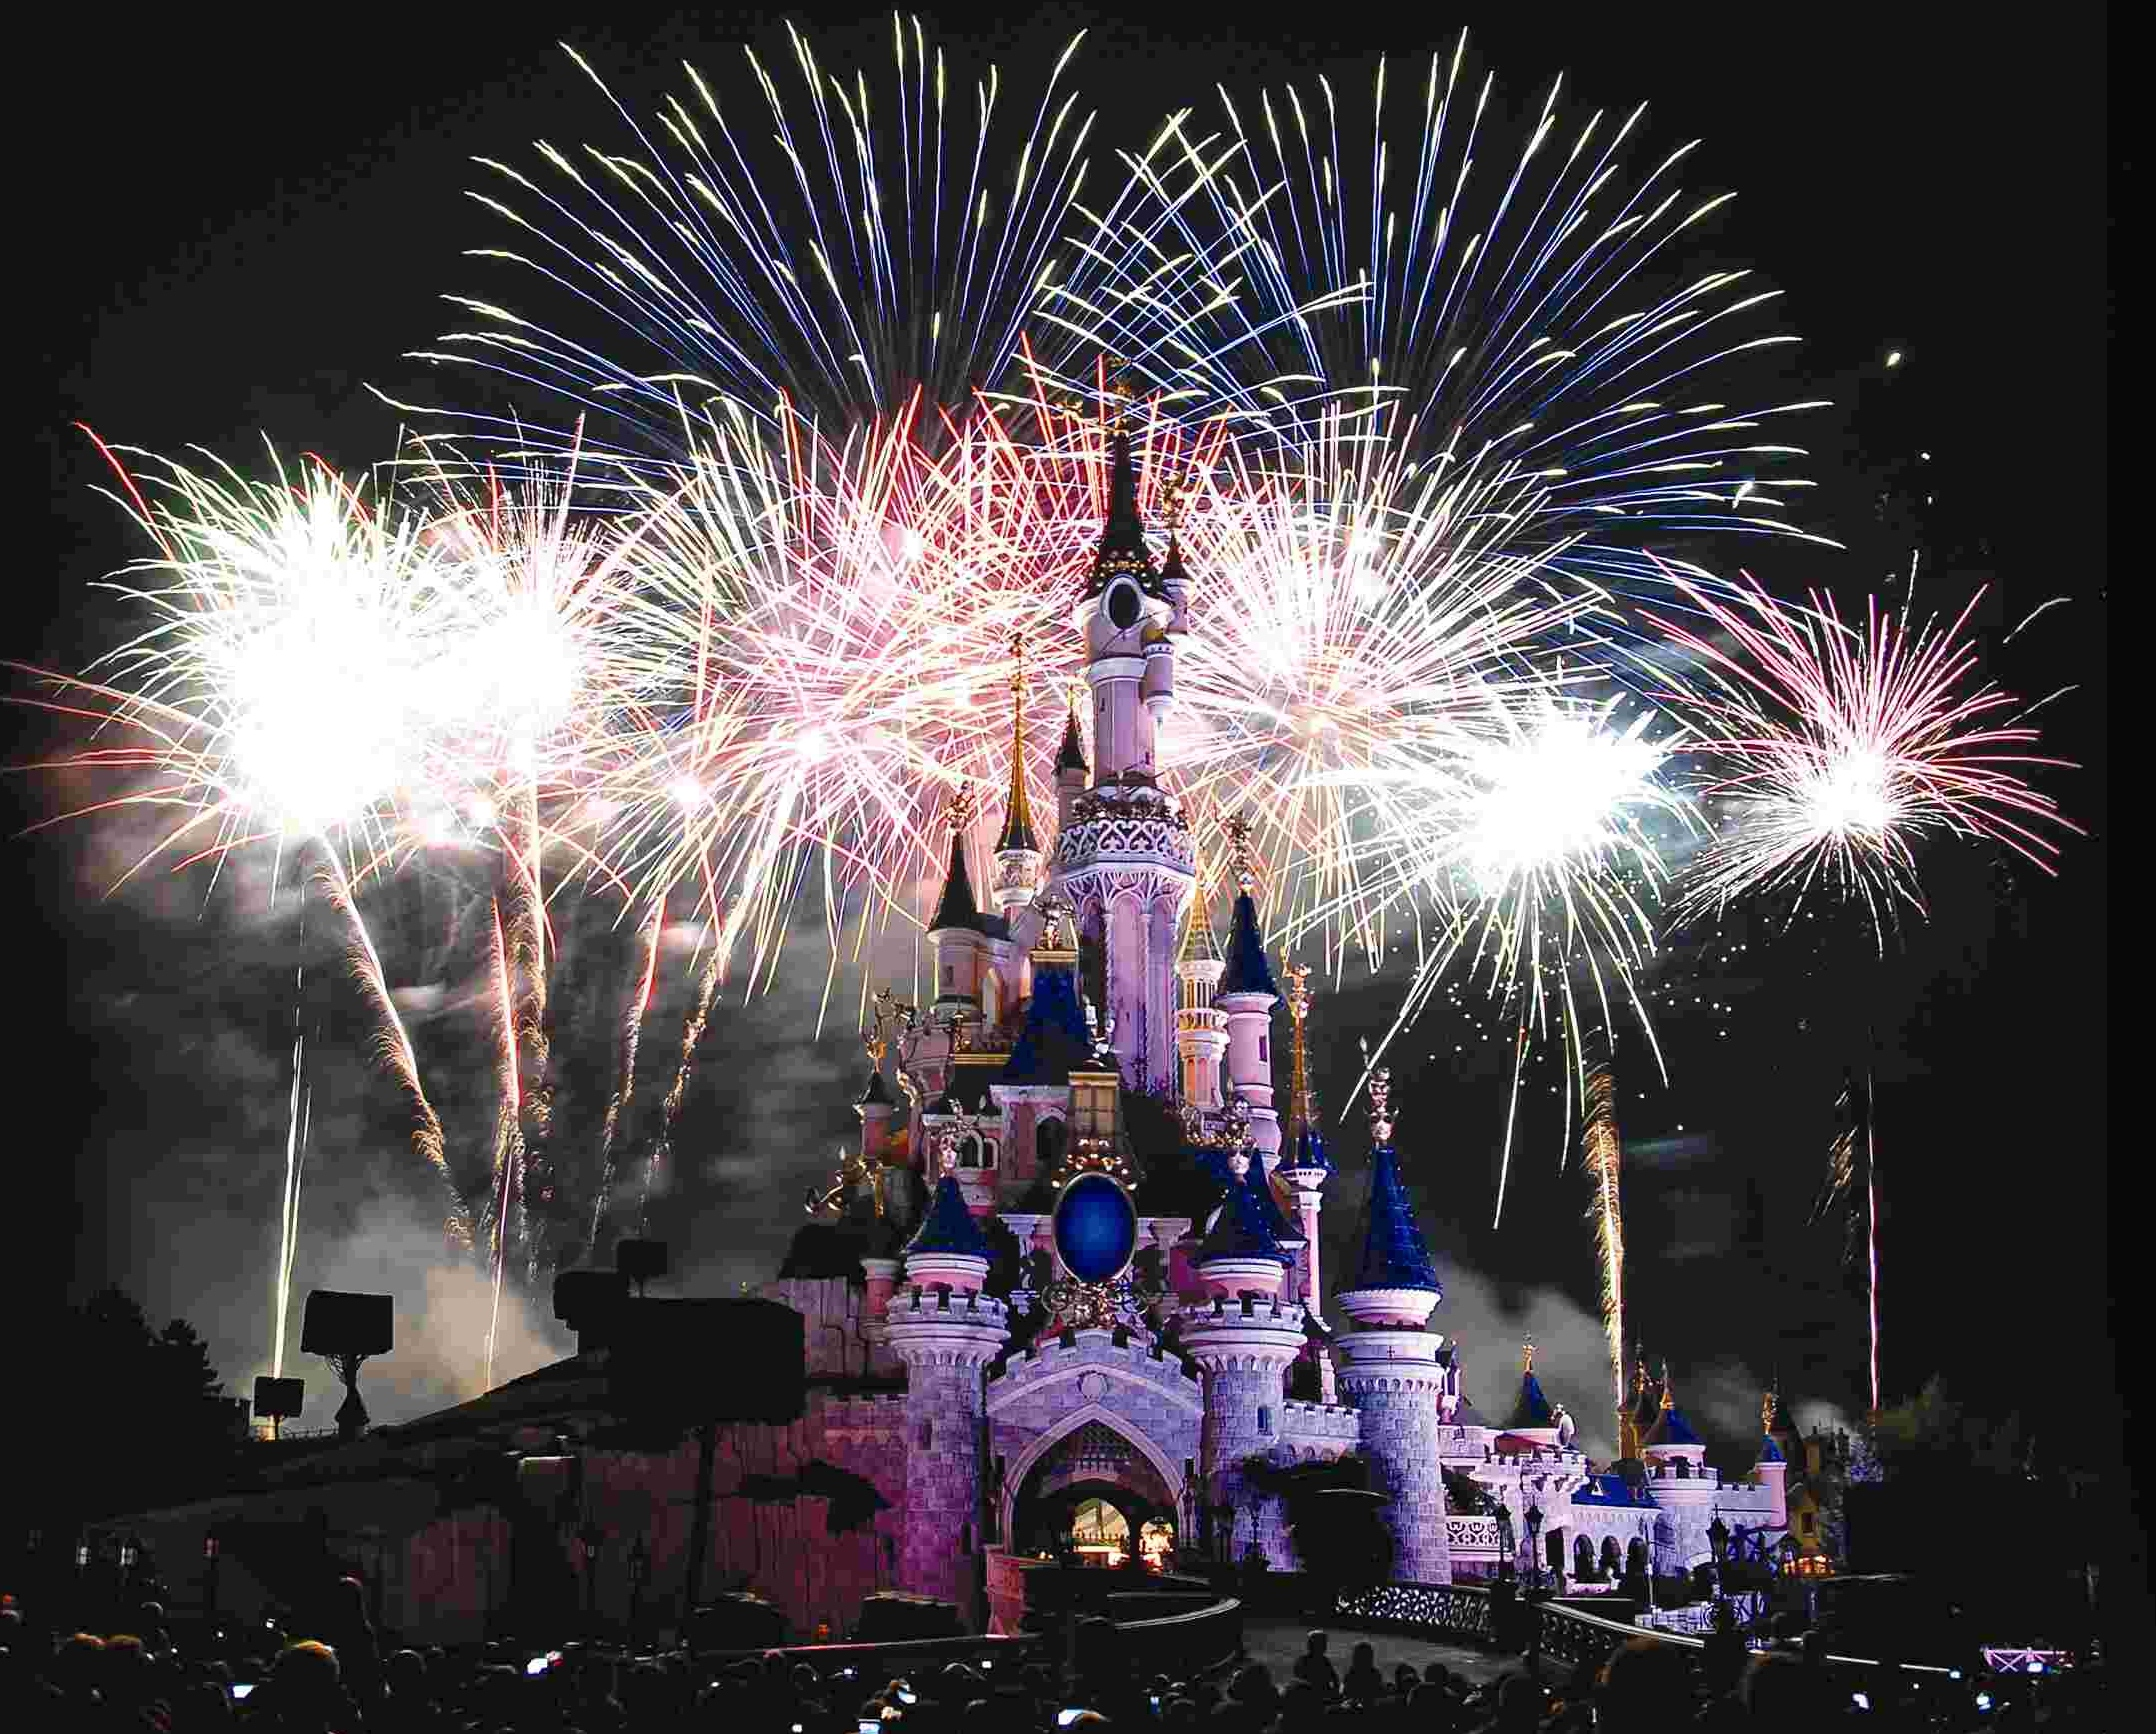 Groots Vuurwerk Voor Bastille Day